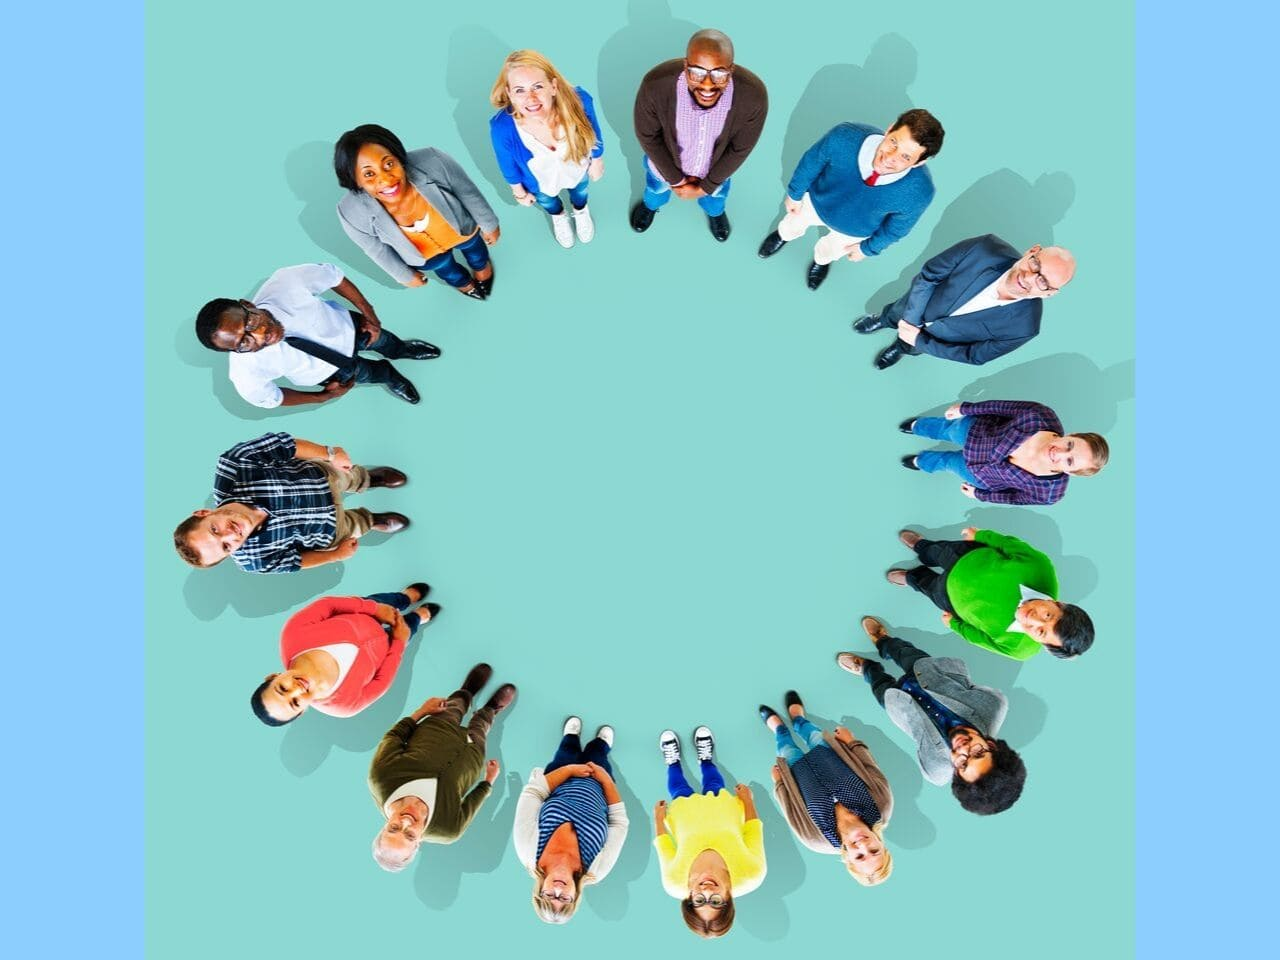 輪を作って並ぶ多様な人々